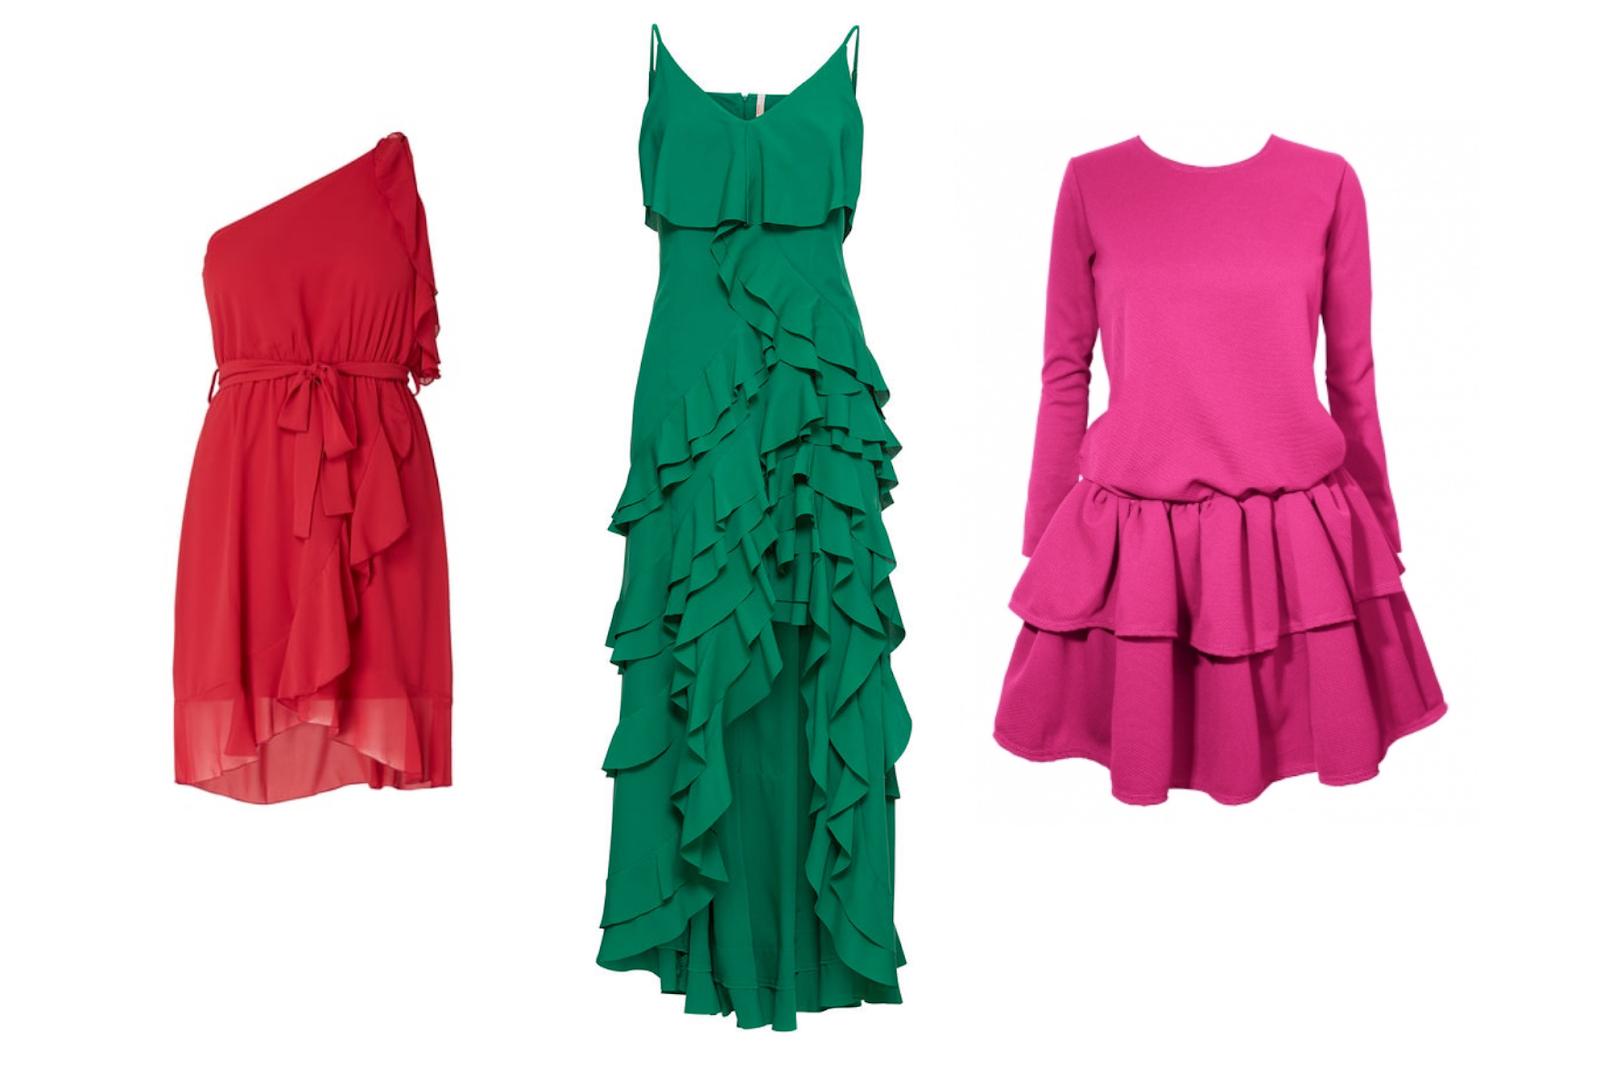 19464a278c Sukienki w żywych odcieniach są mega energetyzujące i kojarzą się z  wiosennym klimatem. Uważam